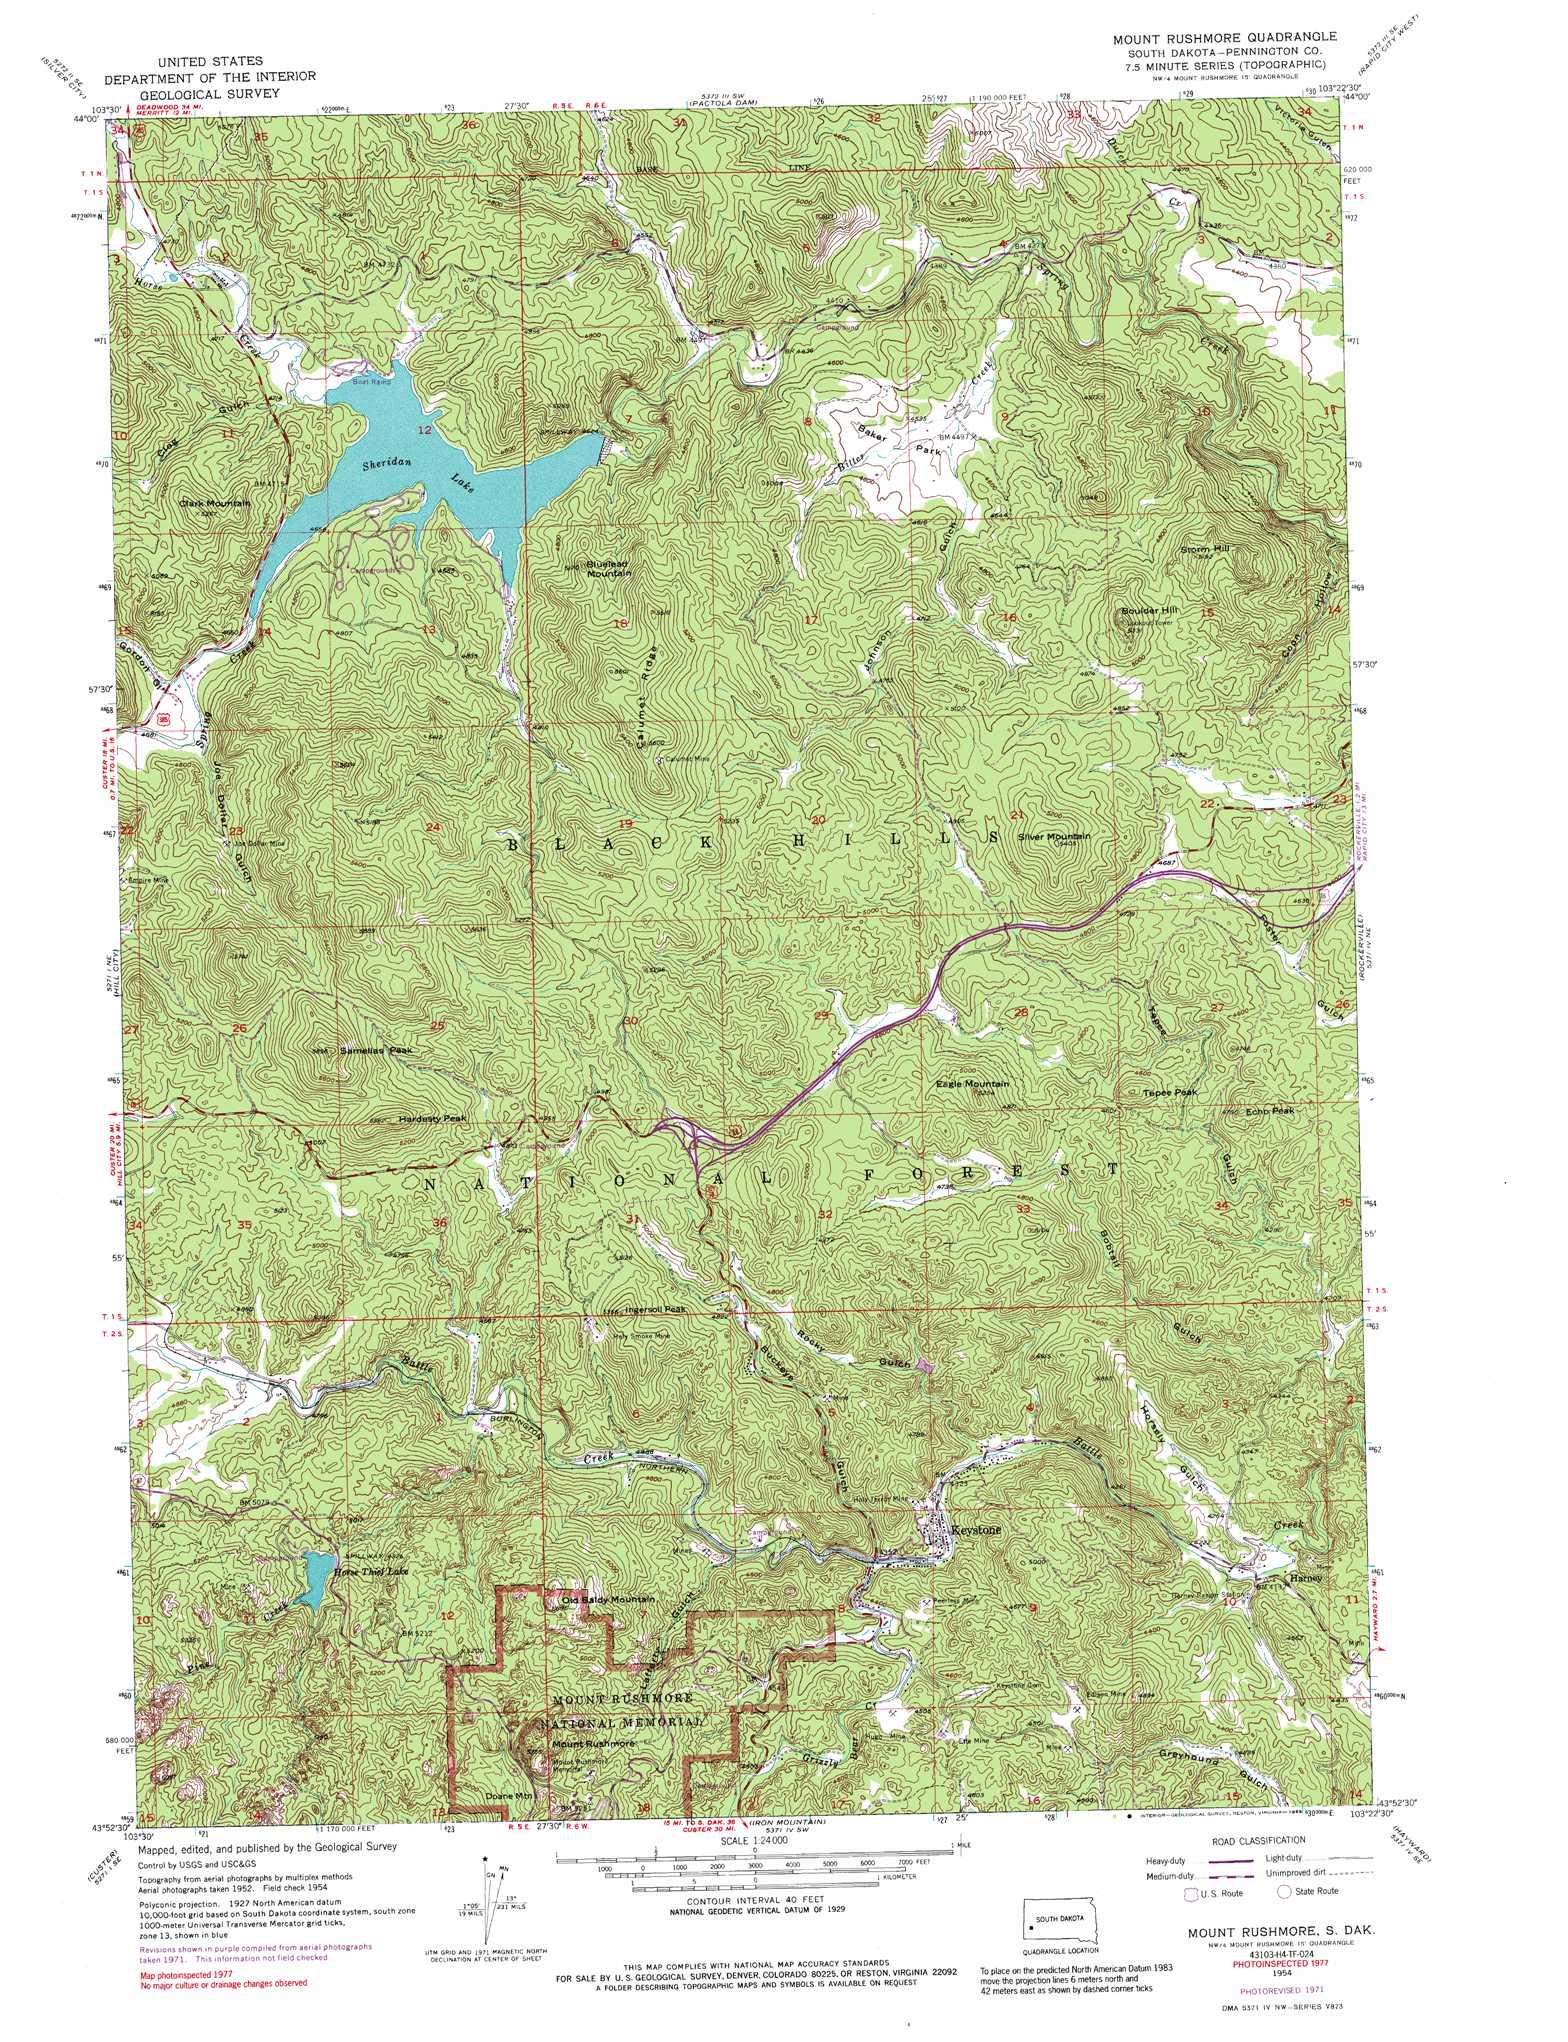 Mount Rushmore topographic map SD USGS Topo Quad 43103h4